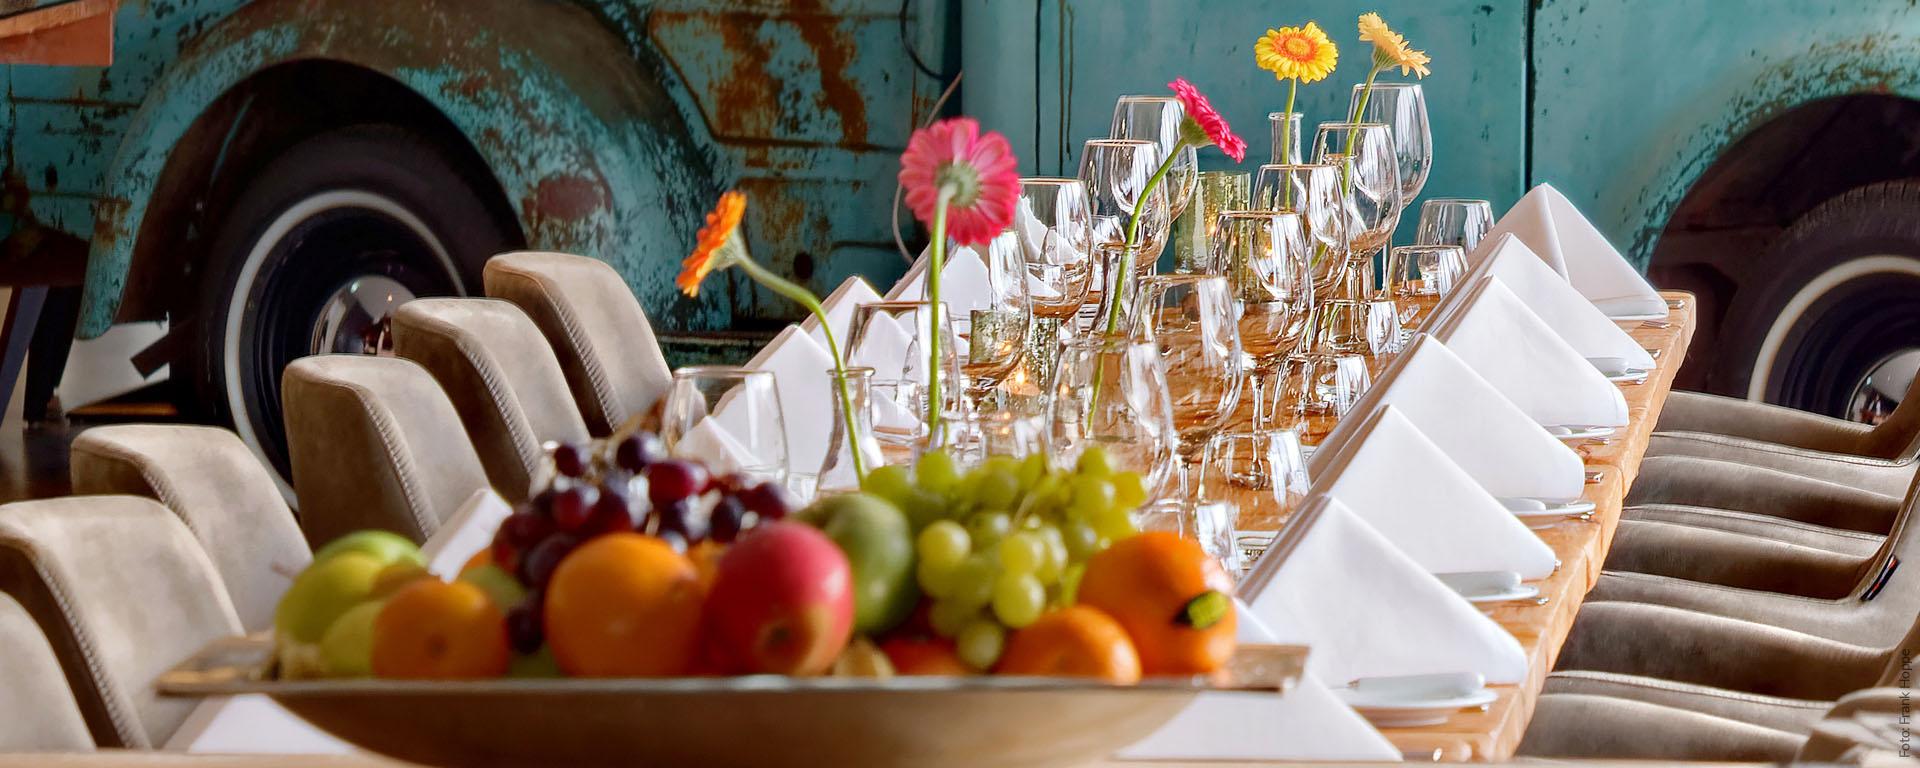 NEU: Mittagstisch-Lunch & Business Lunch im V8 HOTEL- Restaurant: Zu Mittag essen in  der Nähe in BB: Flugfeld Böblingen